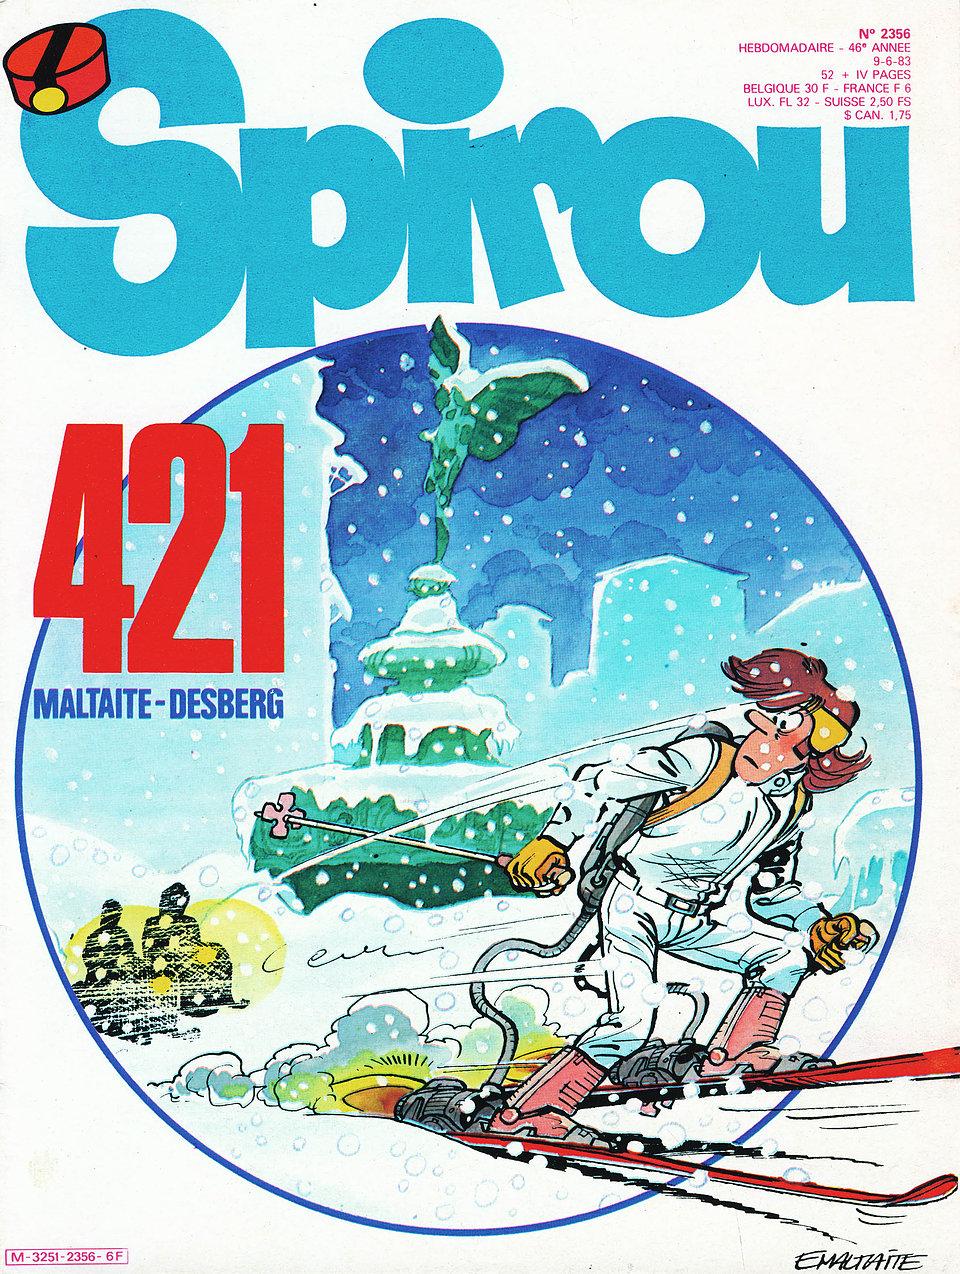 """""""Guerre froide"""" annoncée en couverture de Spirou n°2356 du 9 juin 1983 : publiée après """"Bons baisers du 7ème ciel"""", cette aventure deviendra pourtant... le tome 1 de la série en octobre 1984 !"""